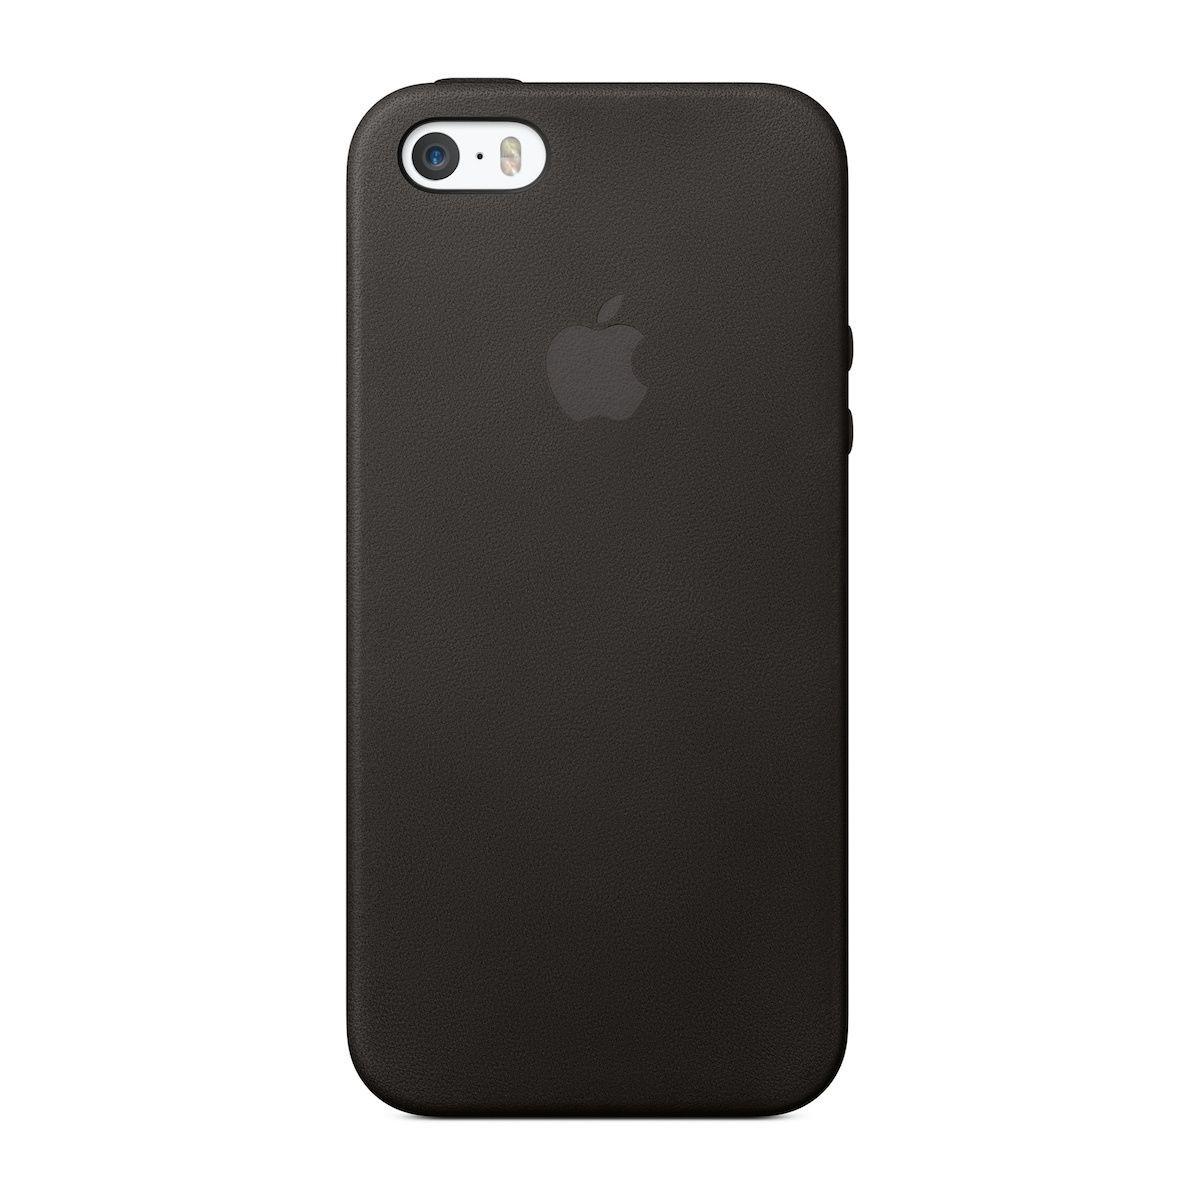 Kožený kryt na iPhone SE - černý mmhh2zm/a